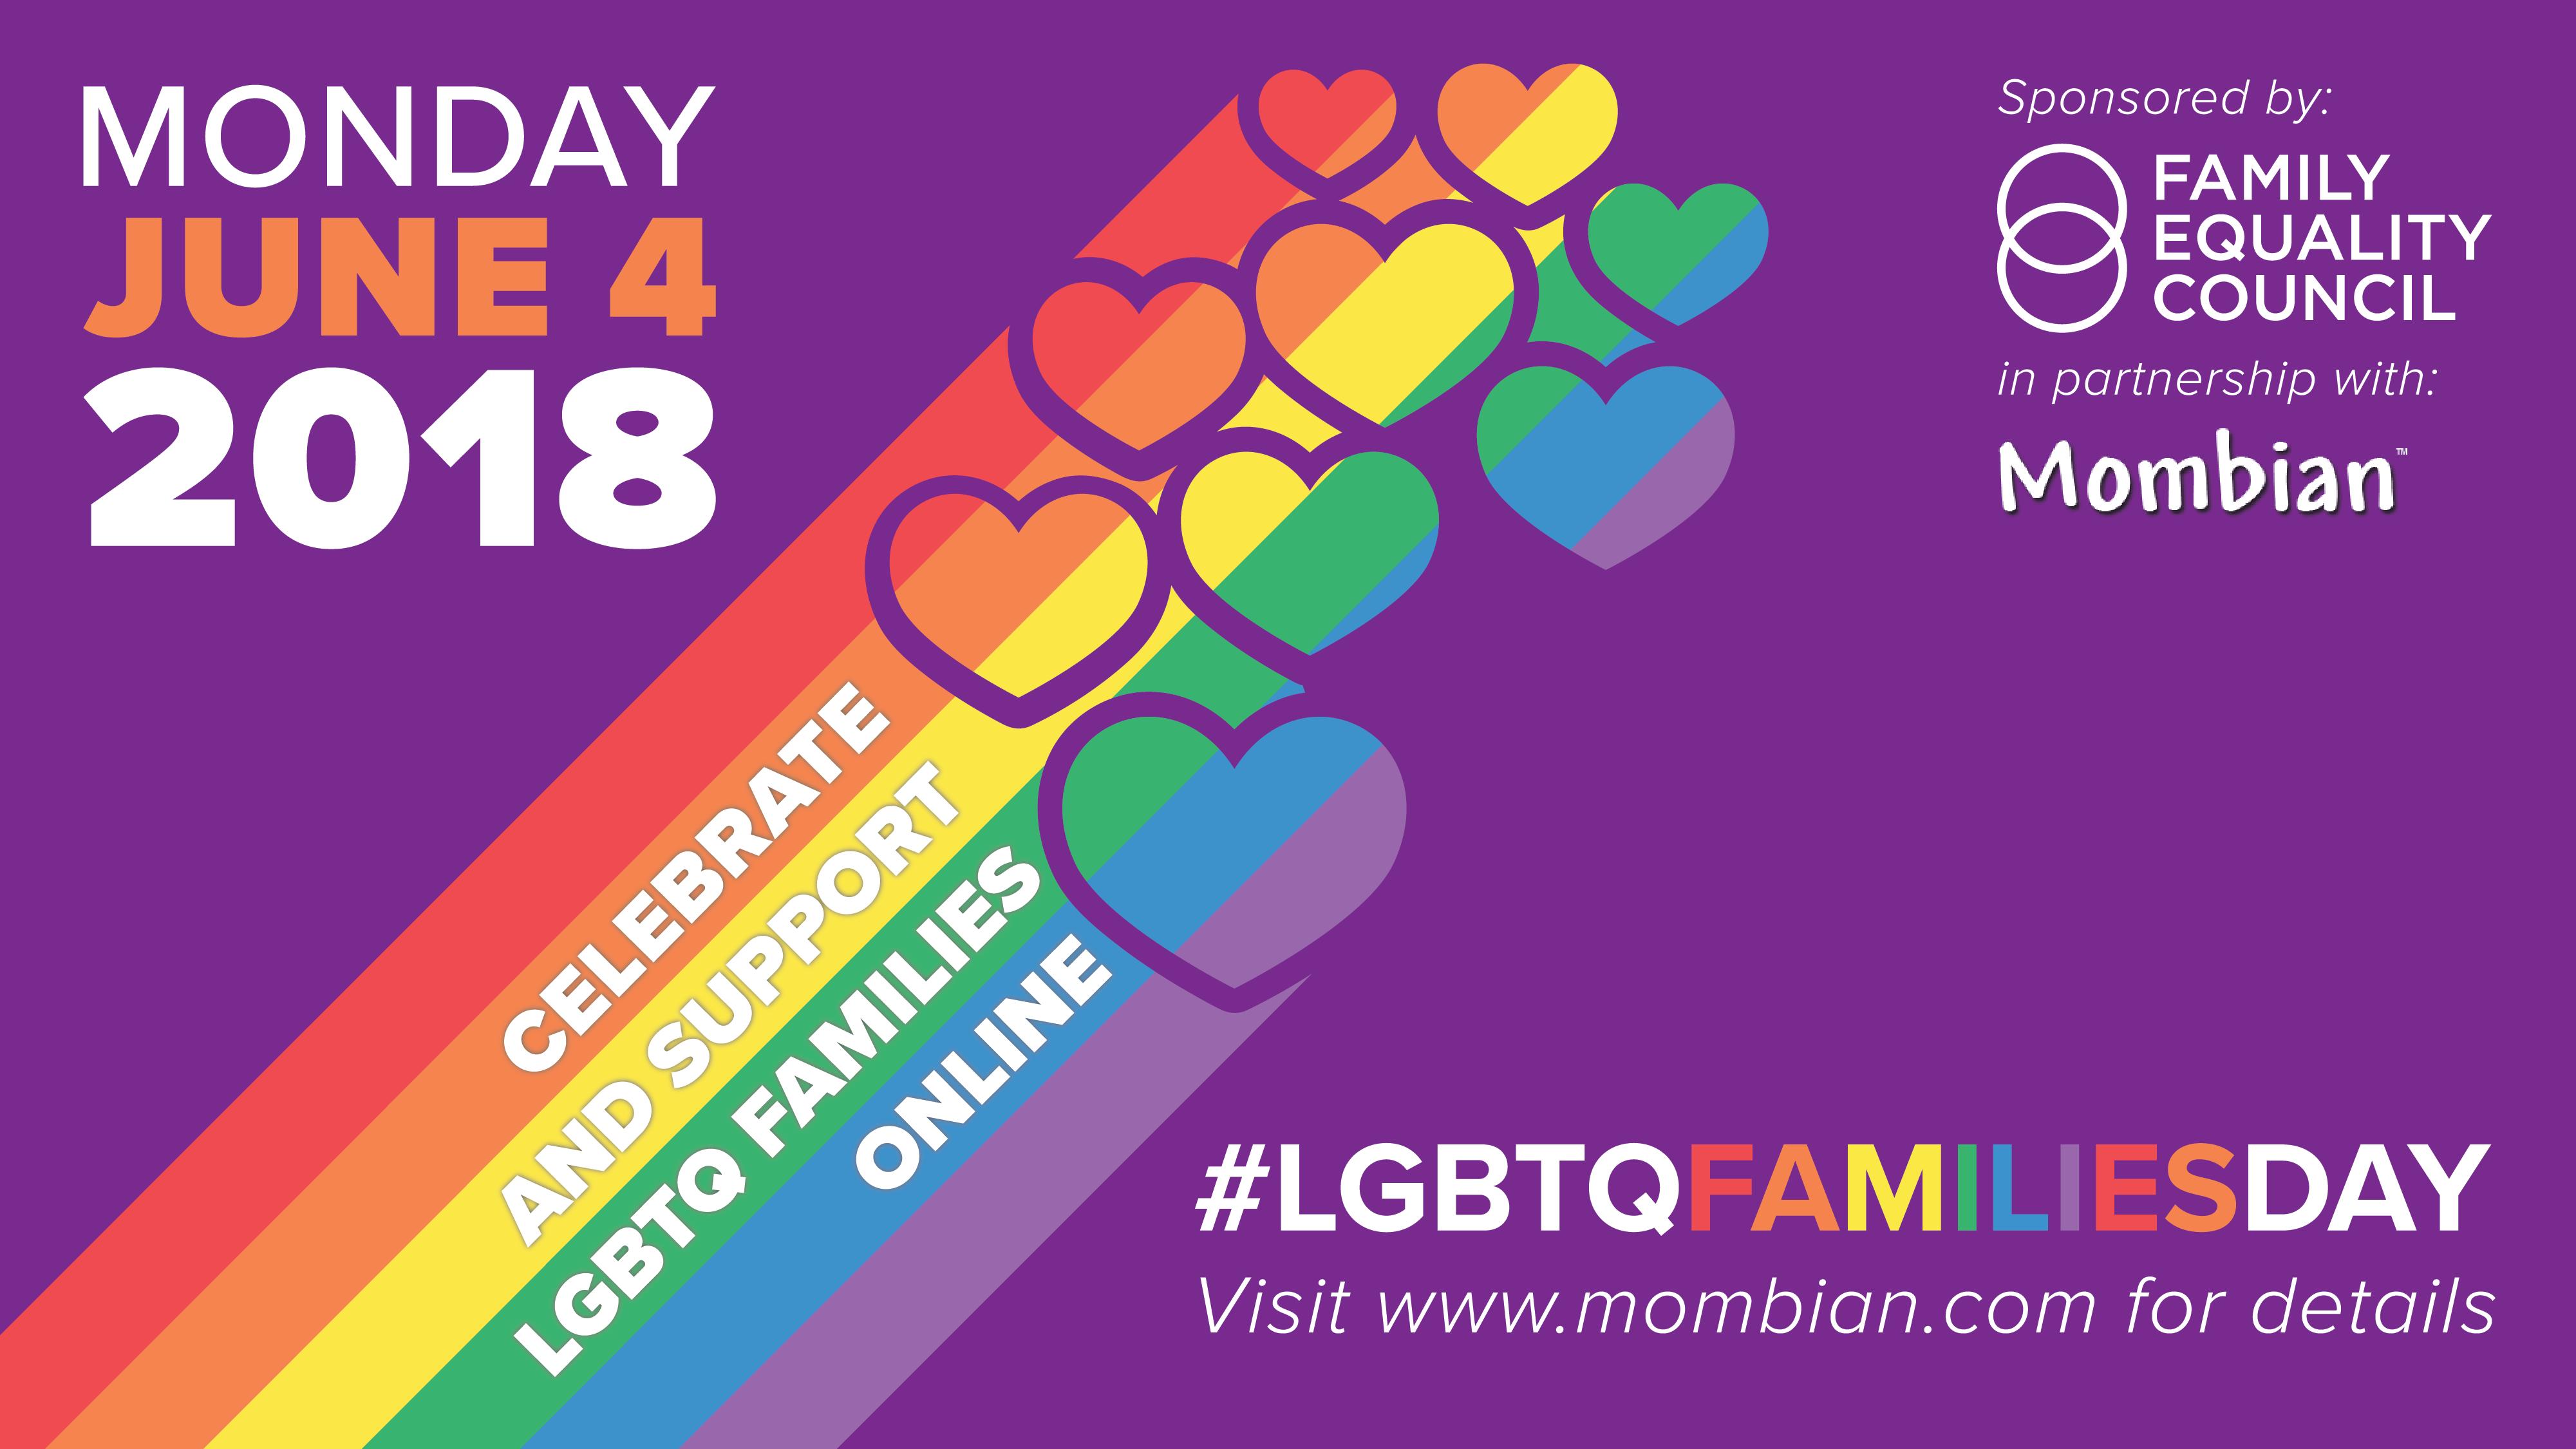 #LGBTQFamiliesDay